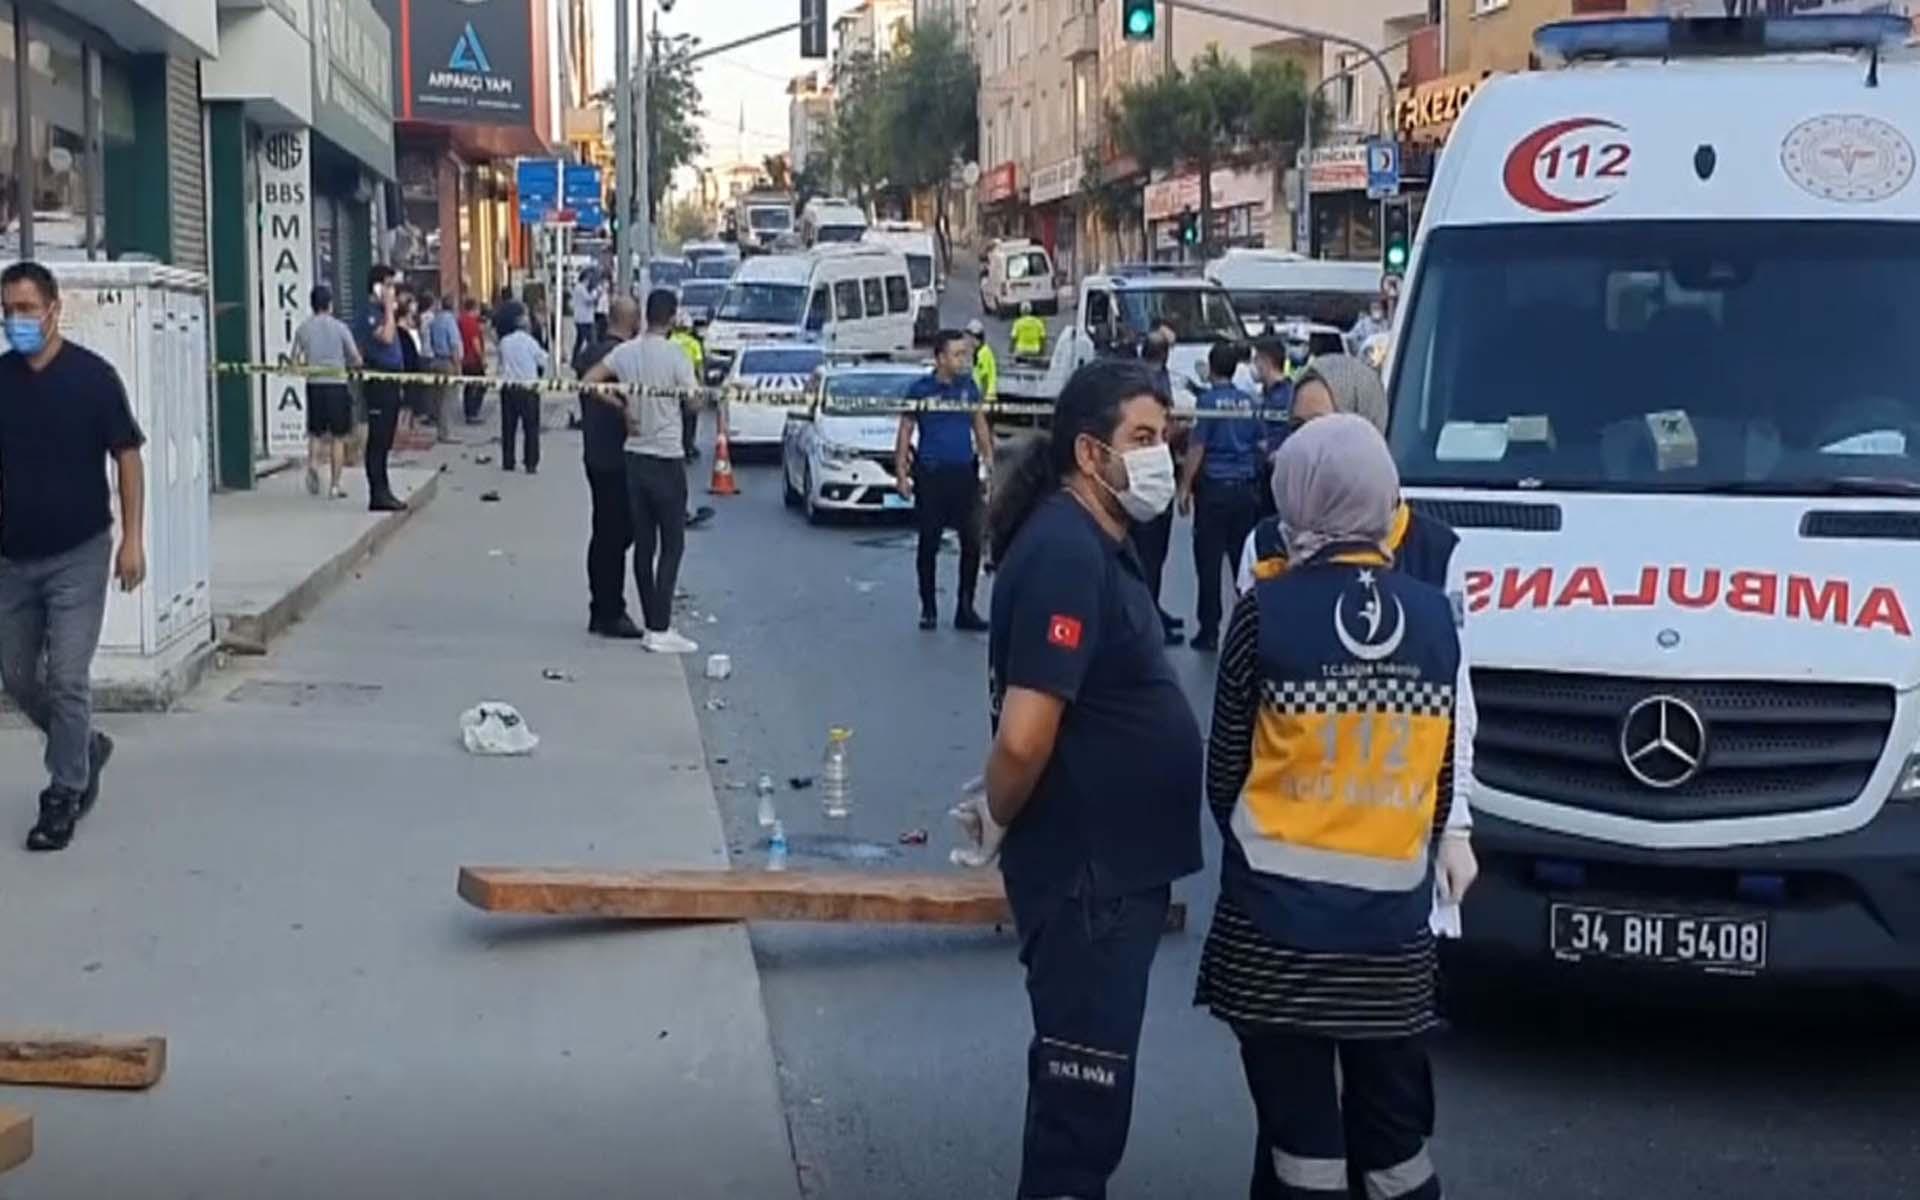 İstanbul Ümraniye'de servis aracı ve minibüs çarpıştı : Eyüp Sönmez öldü, 6 kişi yaralandı